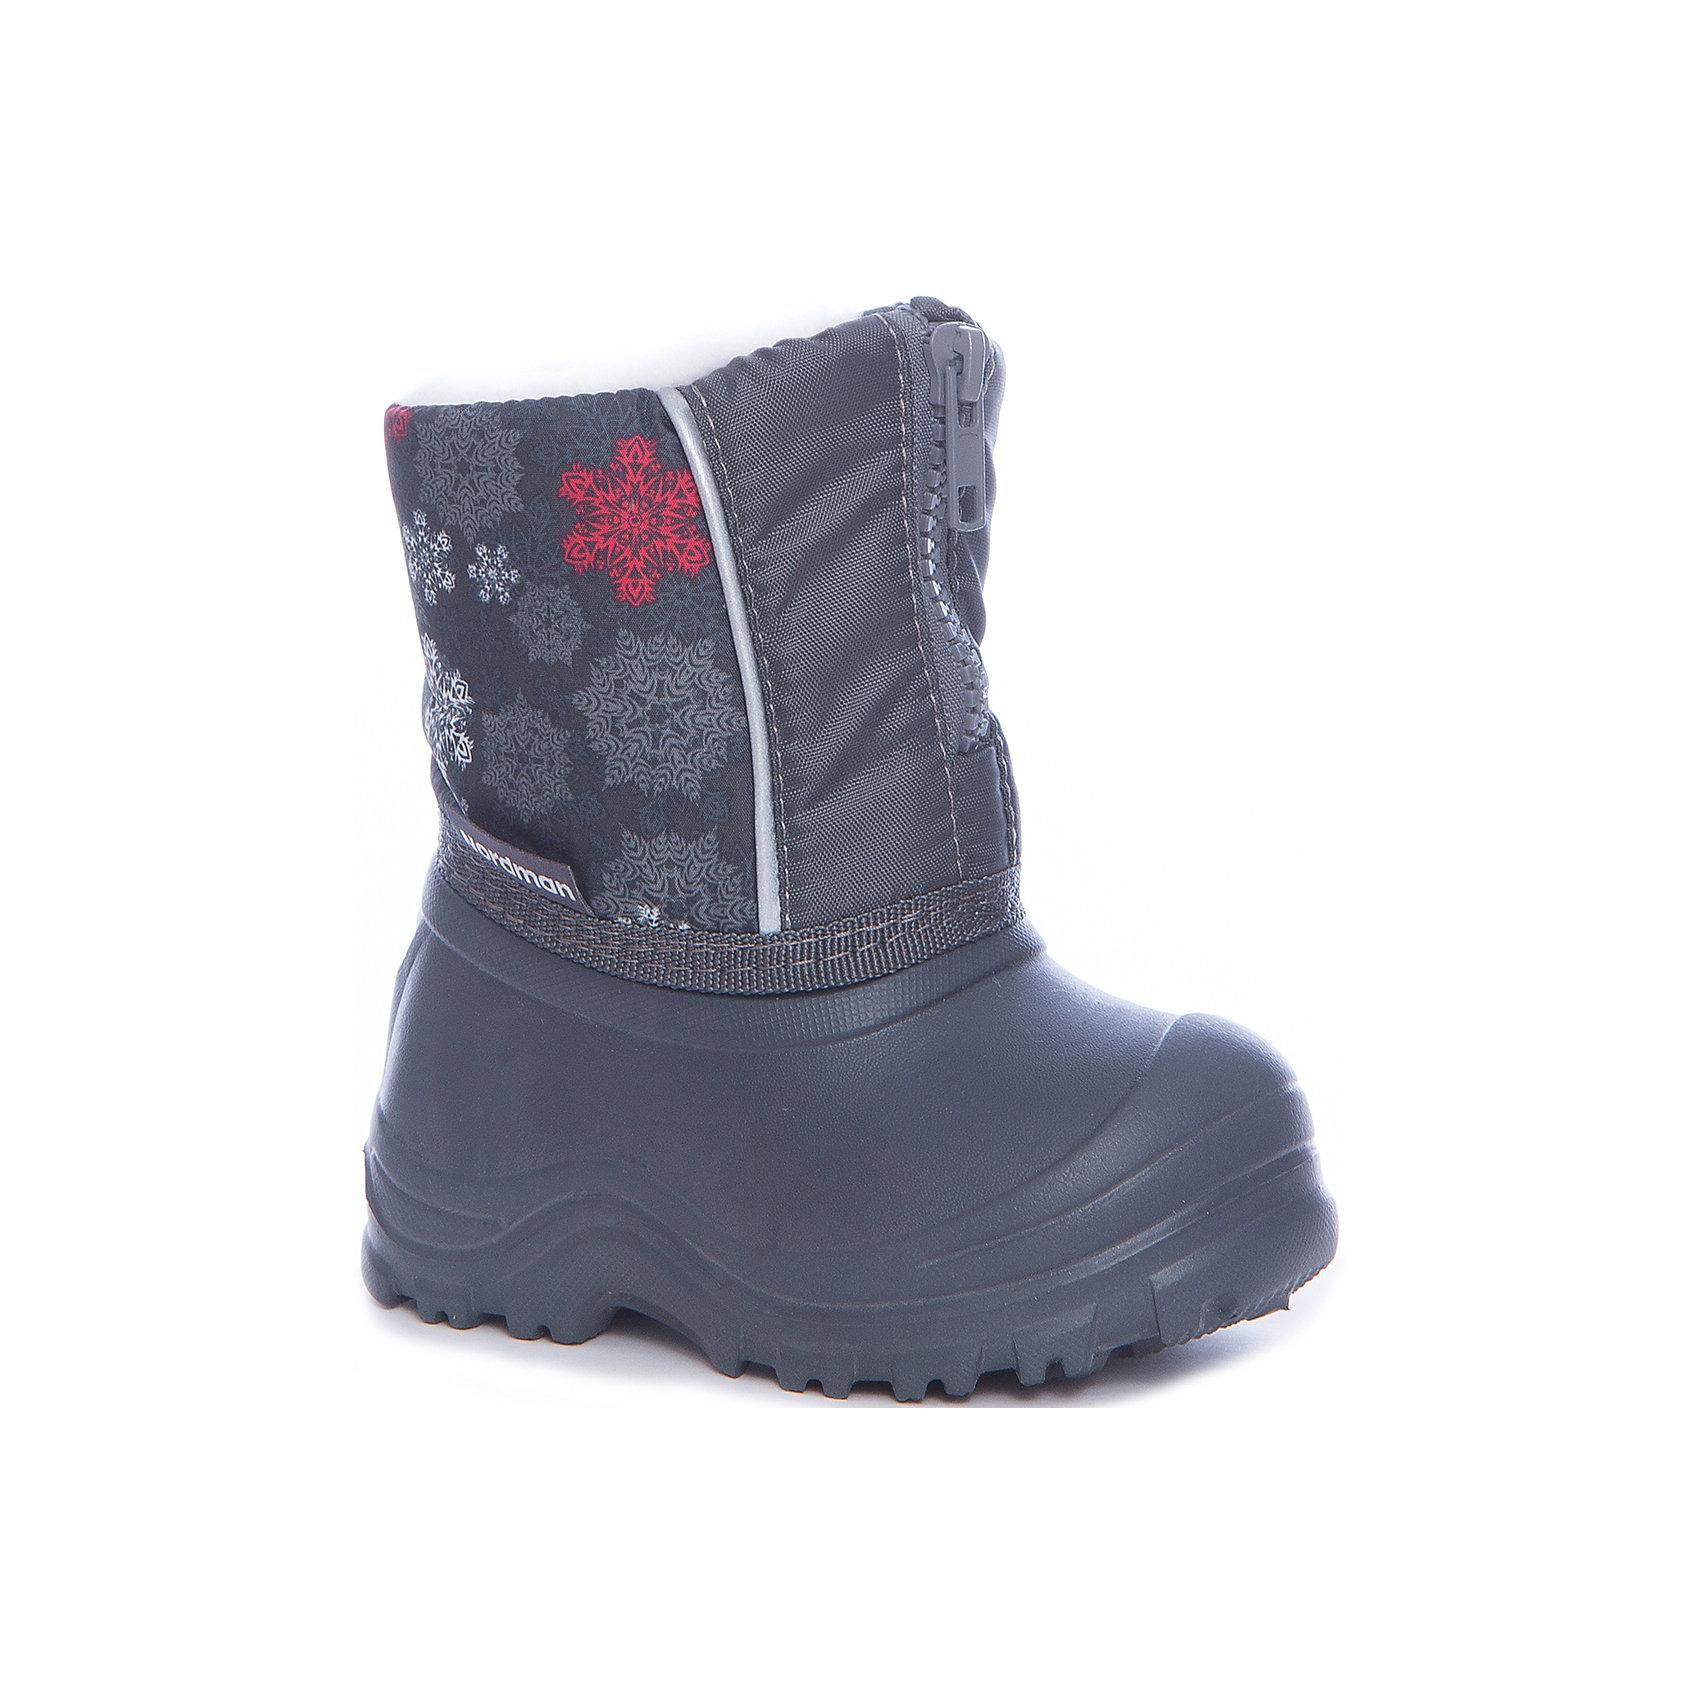 Сноубутсы для мальчика NordmanСноубутсы<br>Характеристики товара:<br><br>• цвет: черный<br>• материал верха: текстиль (dewspo)<br>• галоша: ЭВА<br>• подклад: шерстяной мех<br>• стелька: шерстяной мех<br>• подошва: ЭВА<br>• сезон: зима<br>• температурный режим: от 0 до -15<br>• застежка: молния<br>• непромокаемые<br>• подошва не скользит<br>• анатомические <br>• страна бренда: Россия<br>• страна изготовитель: Россия<br><br>Сноубутсы для мальчика Nordman позволяют сохранить ноги в тепле и одновременно не дают им промокнуть. Такая обувь отлично подходит для снежной зимы или слякоти в межсезонье. <br><br>Высокое голенище из непромокаемой ткани предотвращает попадание снега в сапог. Меховая подкладка обеспечивает комфортные условия для ног благодаря способности материала впитывать влагу.<br><br>Сноубутсы для мальчика Nordman (Нордман) можно купить в нашем интернет-магазине.<br><br>Ширина мм: 257<br>Глубина мм: 180<br>Высота мм: 130<br>Вес г: 420<br>Цвет: серый<br>Возраст от месяцев: 132<br>Возраст до месяцев: 144<br>Пол: Мужской<br>Возраст: Детский<br>Размер: 34/35,24/25,26/27,28/29,30/31,20/21,32/33,22/23<br>SKU: 6867188